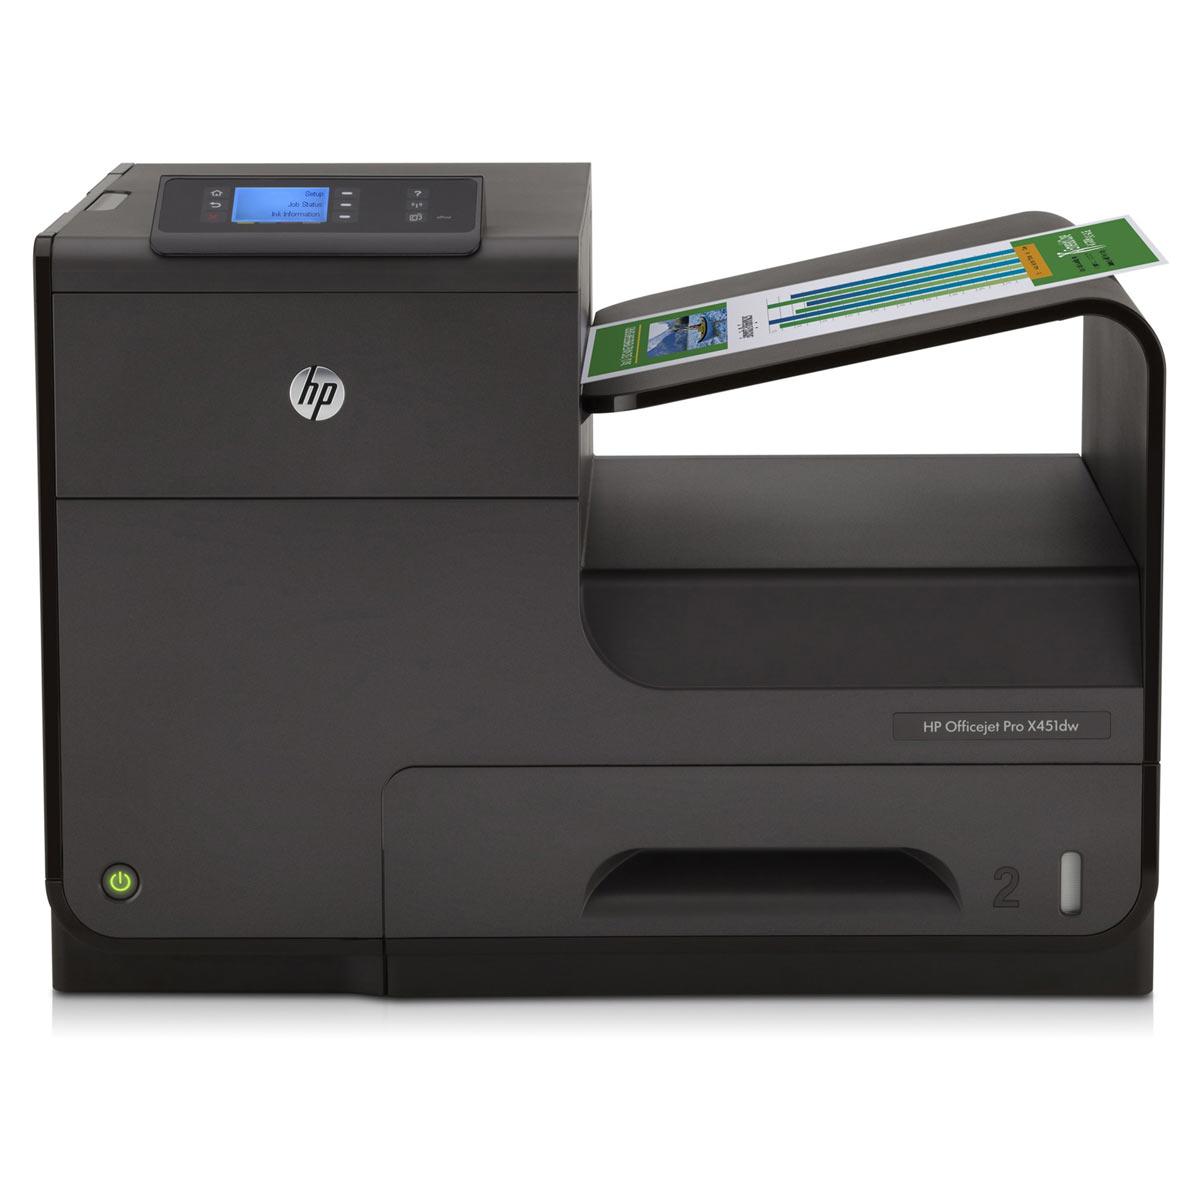 Imprimante jet d'encre HP Officejet Pro X451dw Imprimante jet d'encre couleur (USB 2.0 / Ethernet / Wi-Fi)